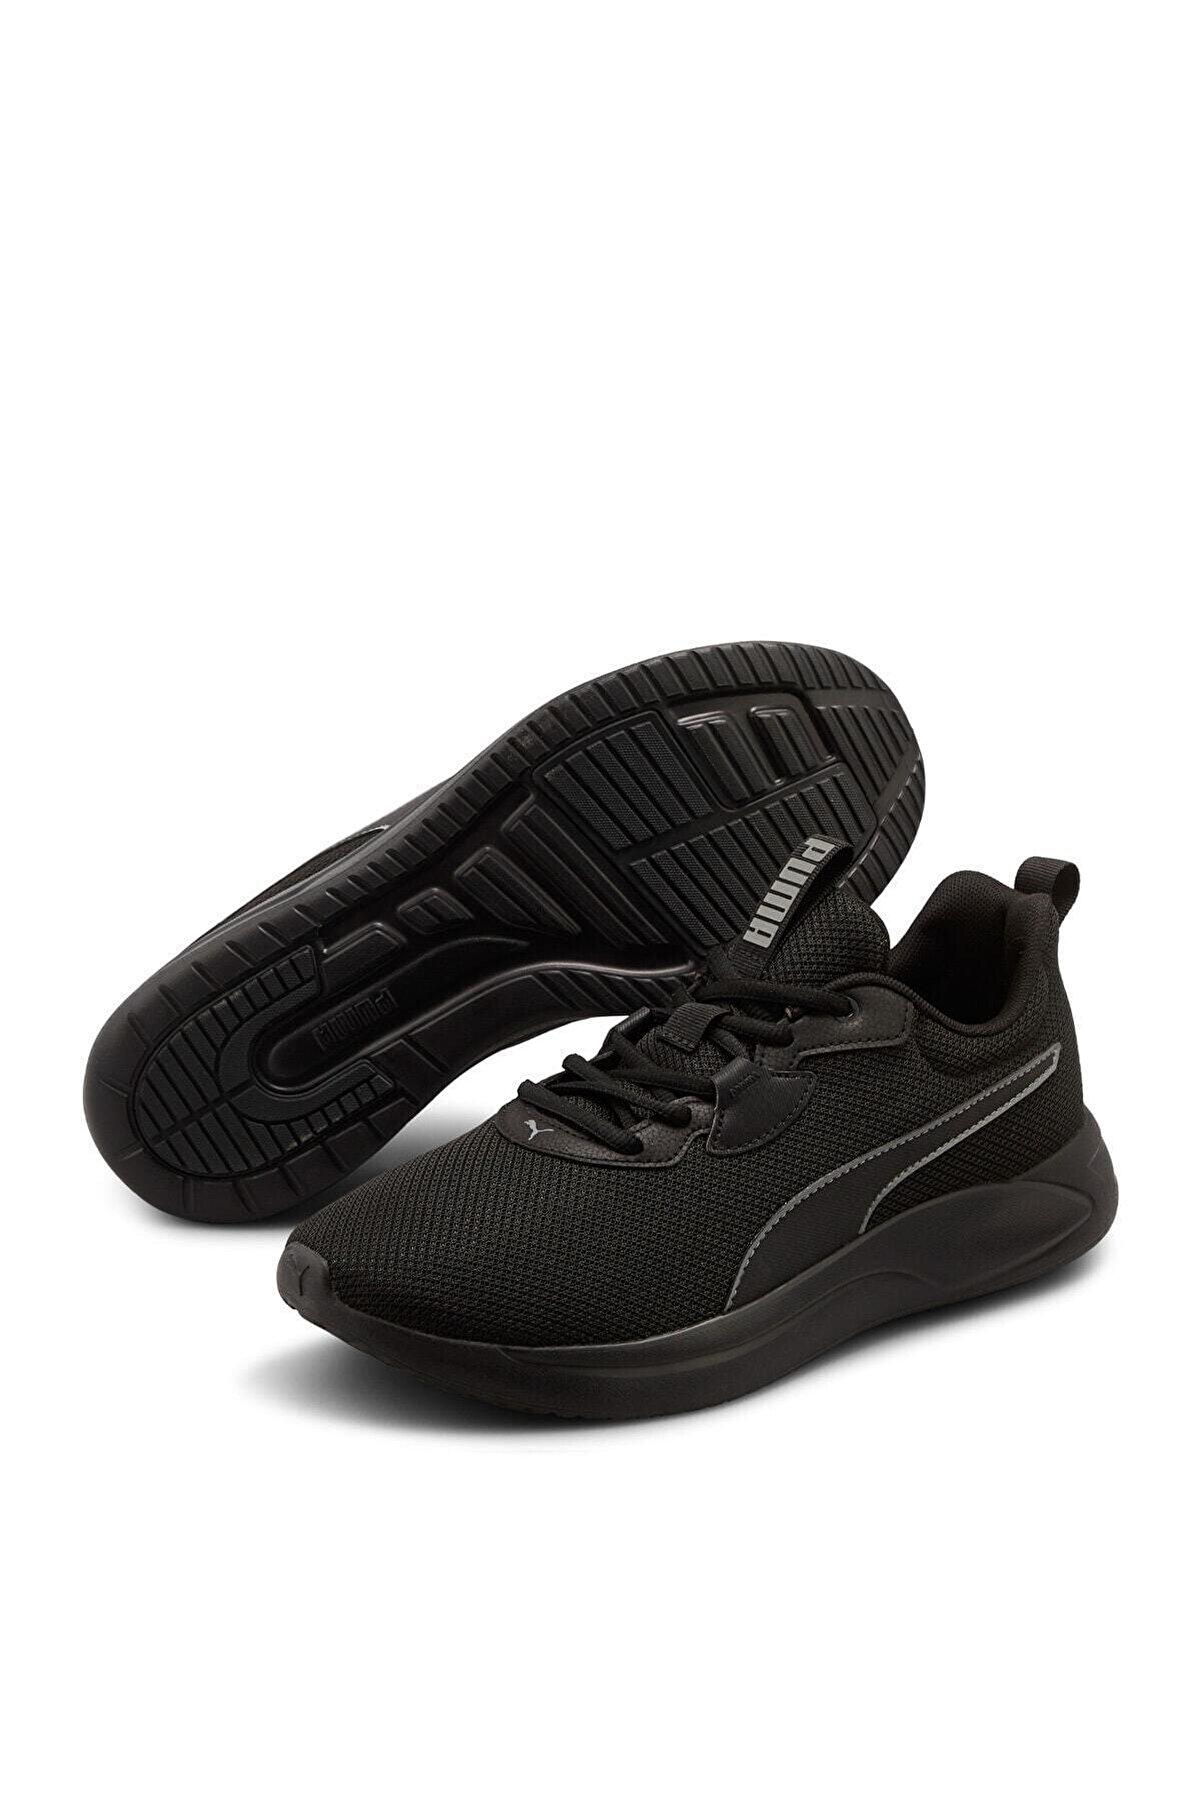 Puma Resolve Erkek Siyah Spor Ayakkabısı -